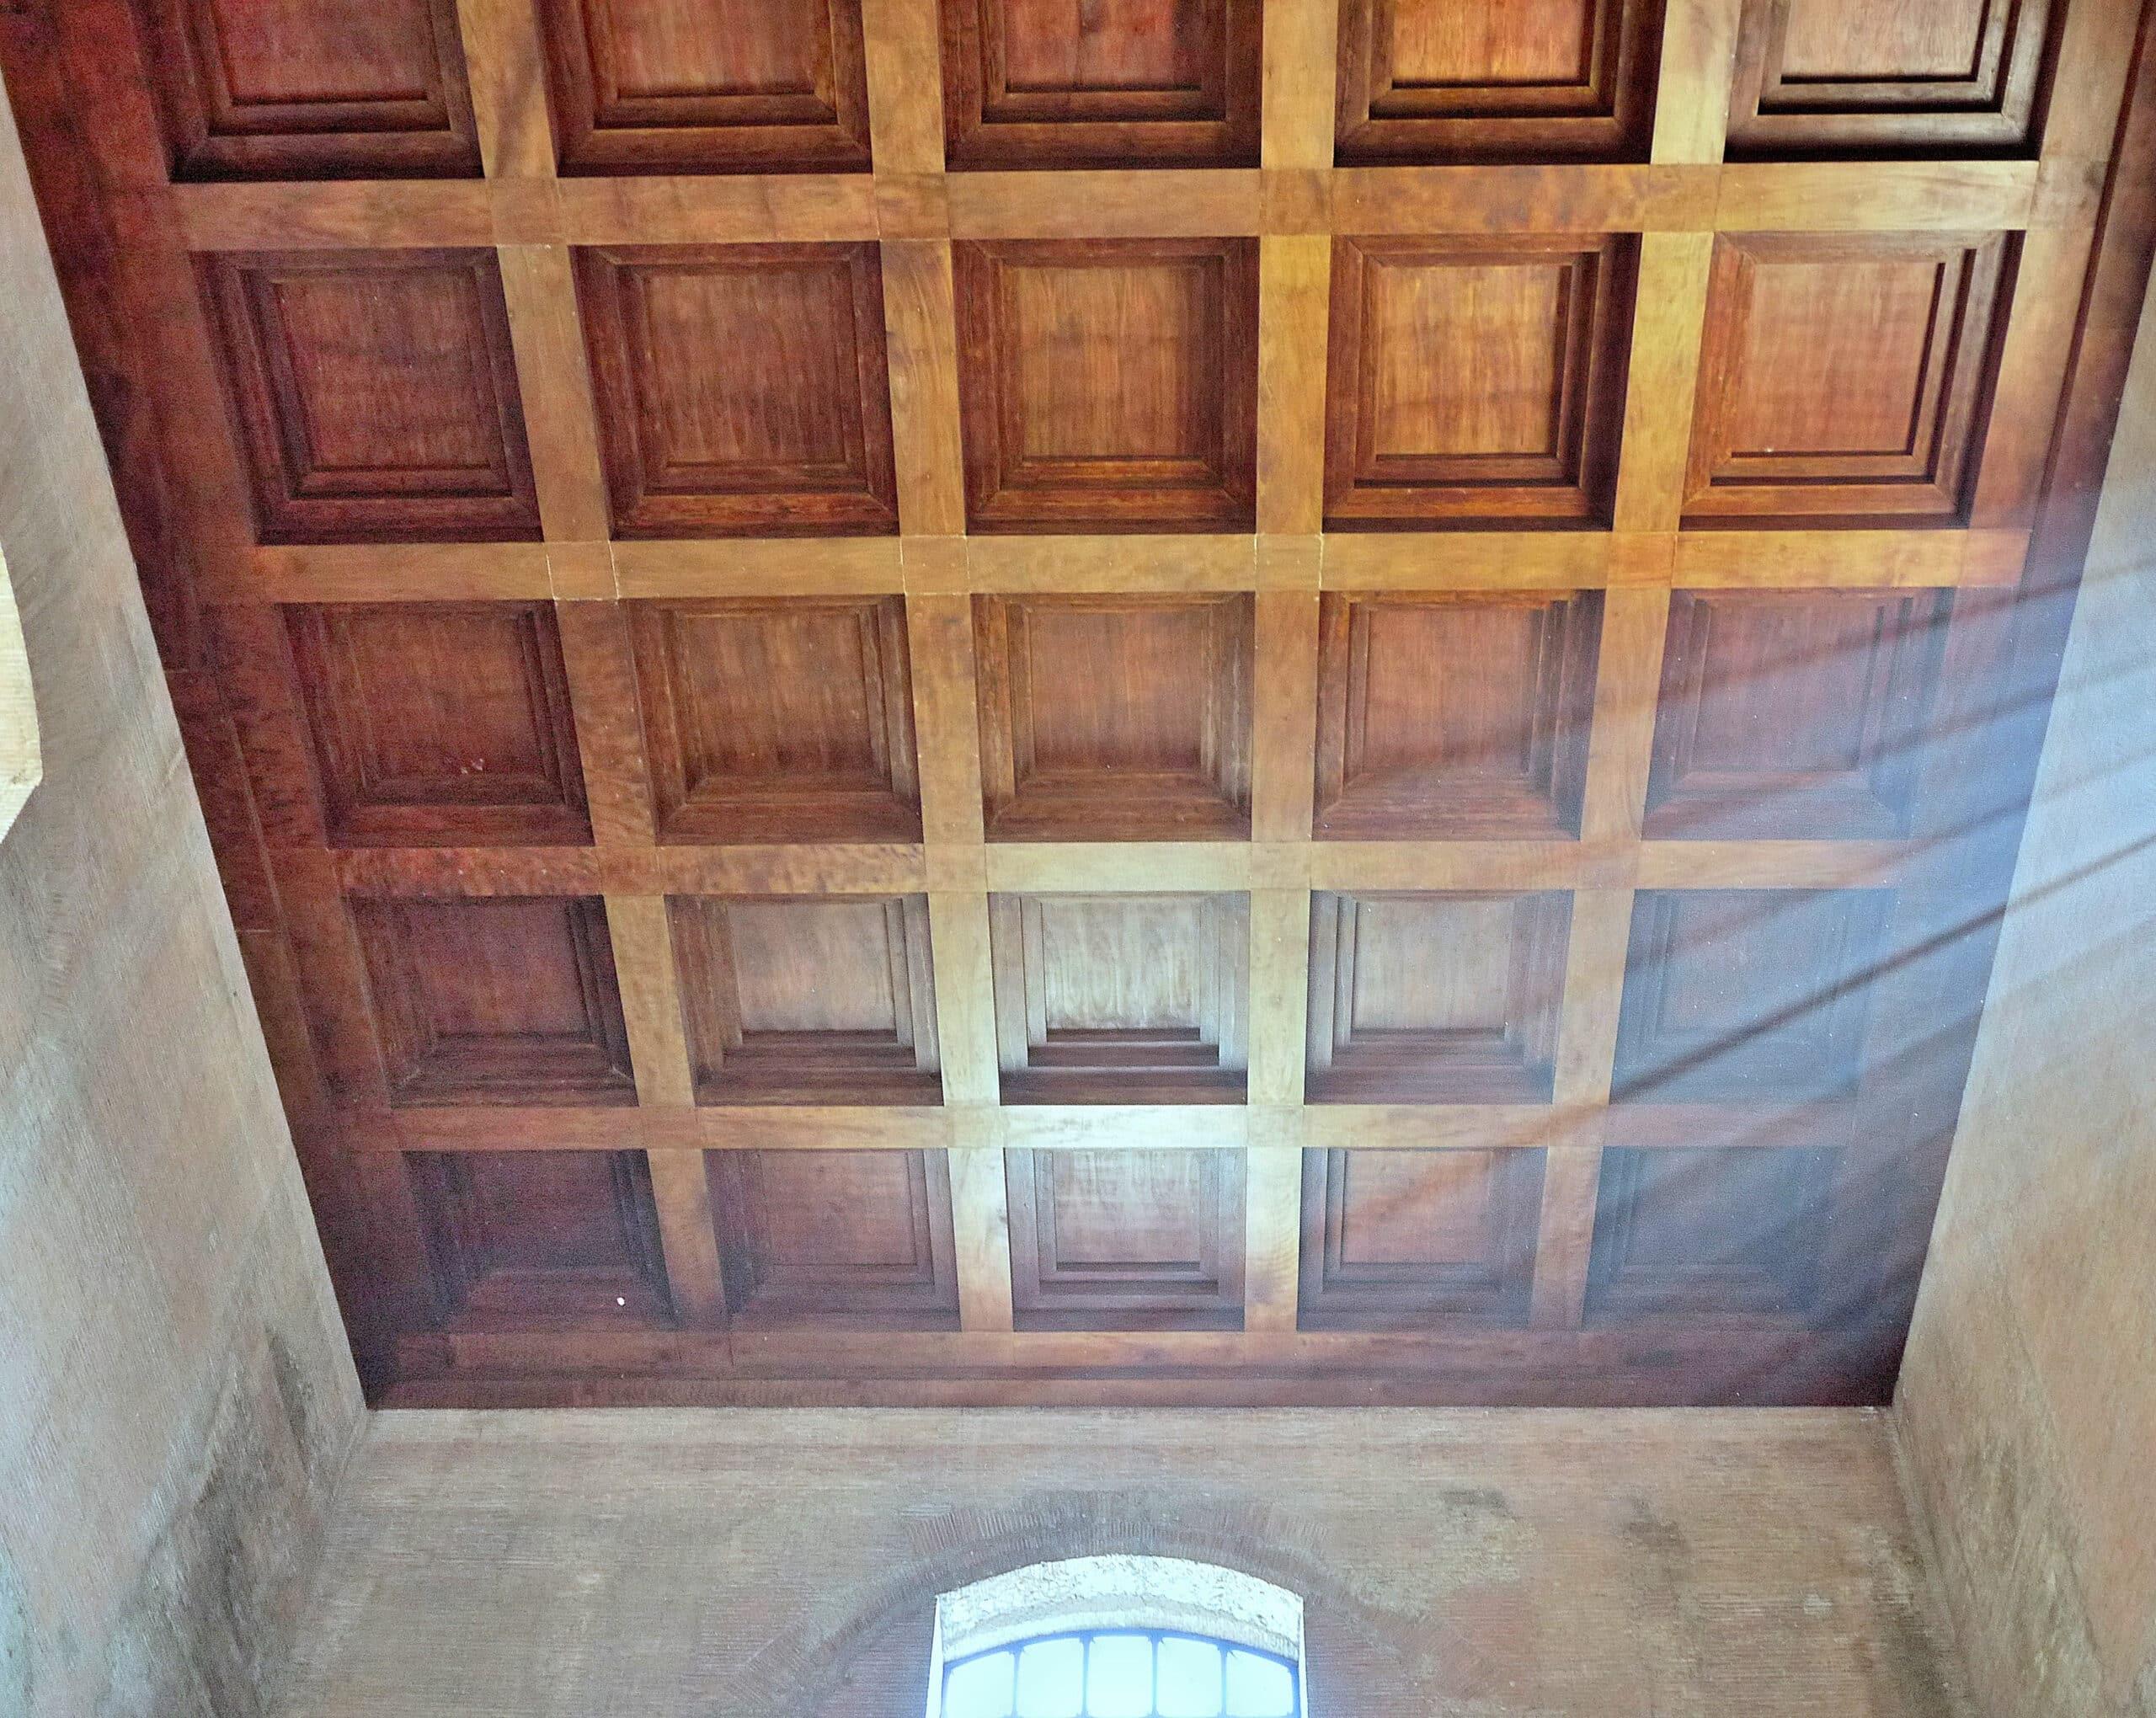 Ceiling of Curia